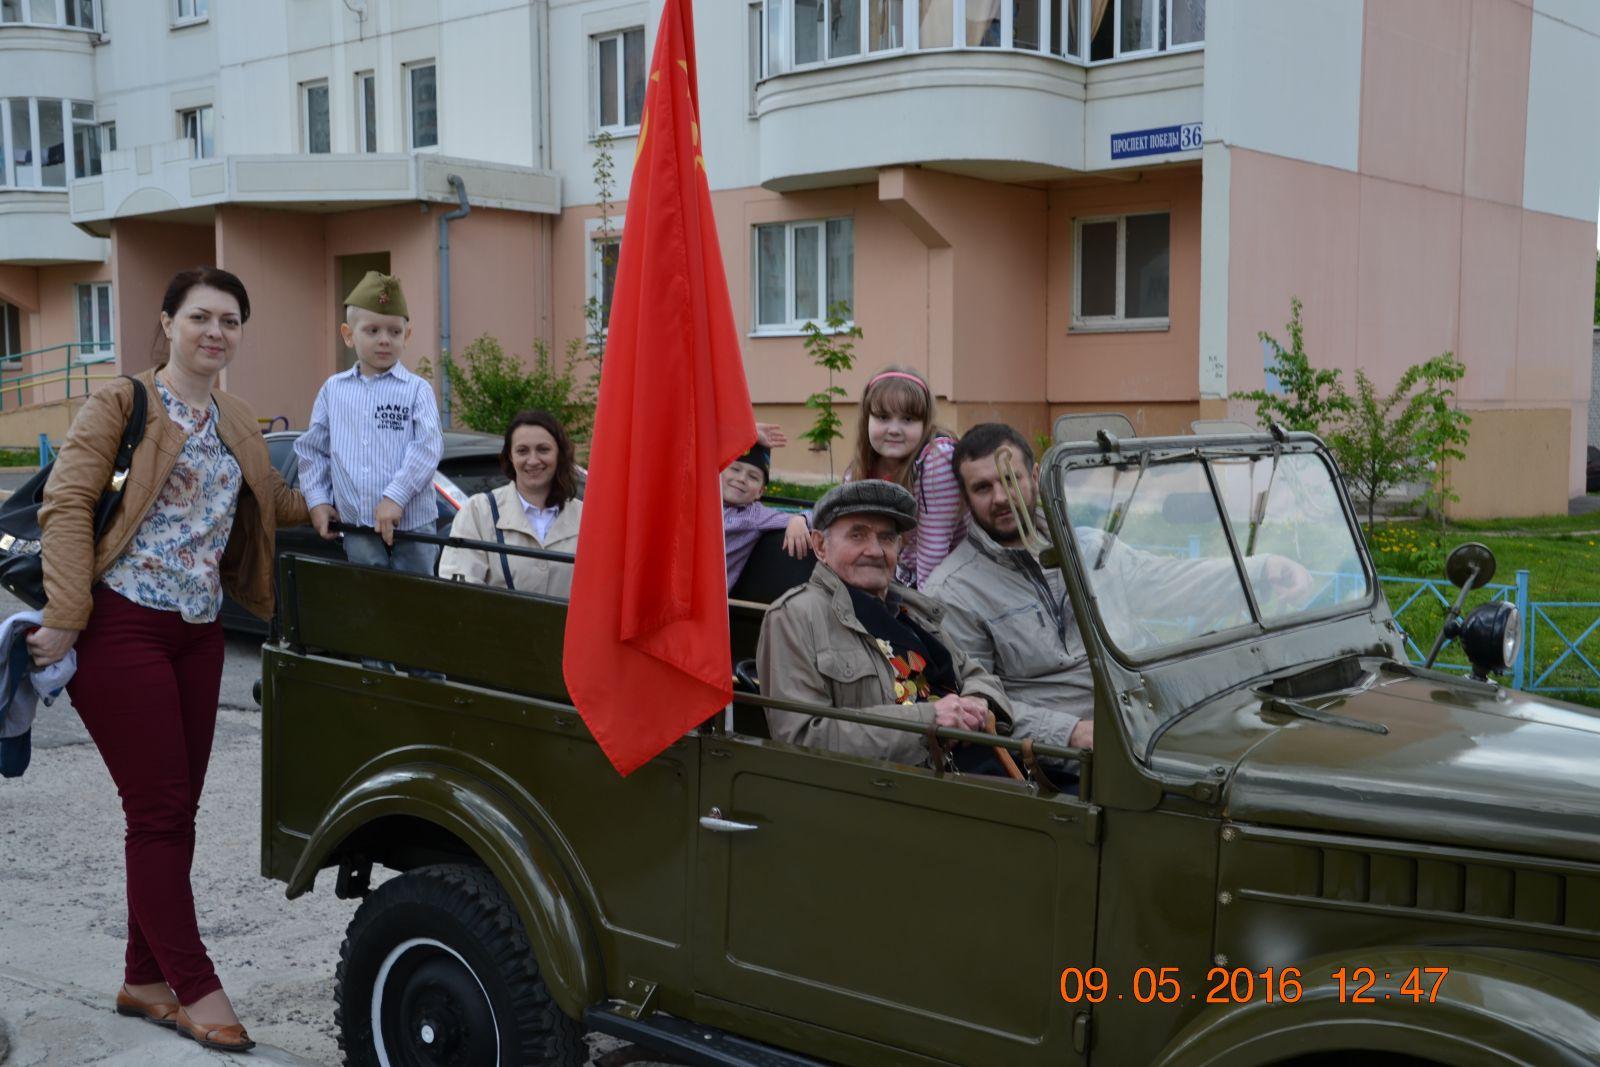 Самый главный пассажир. Дед. Войну закончил в Праге. Немного покатались с ним. Технику заценил.